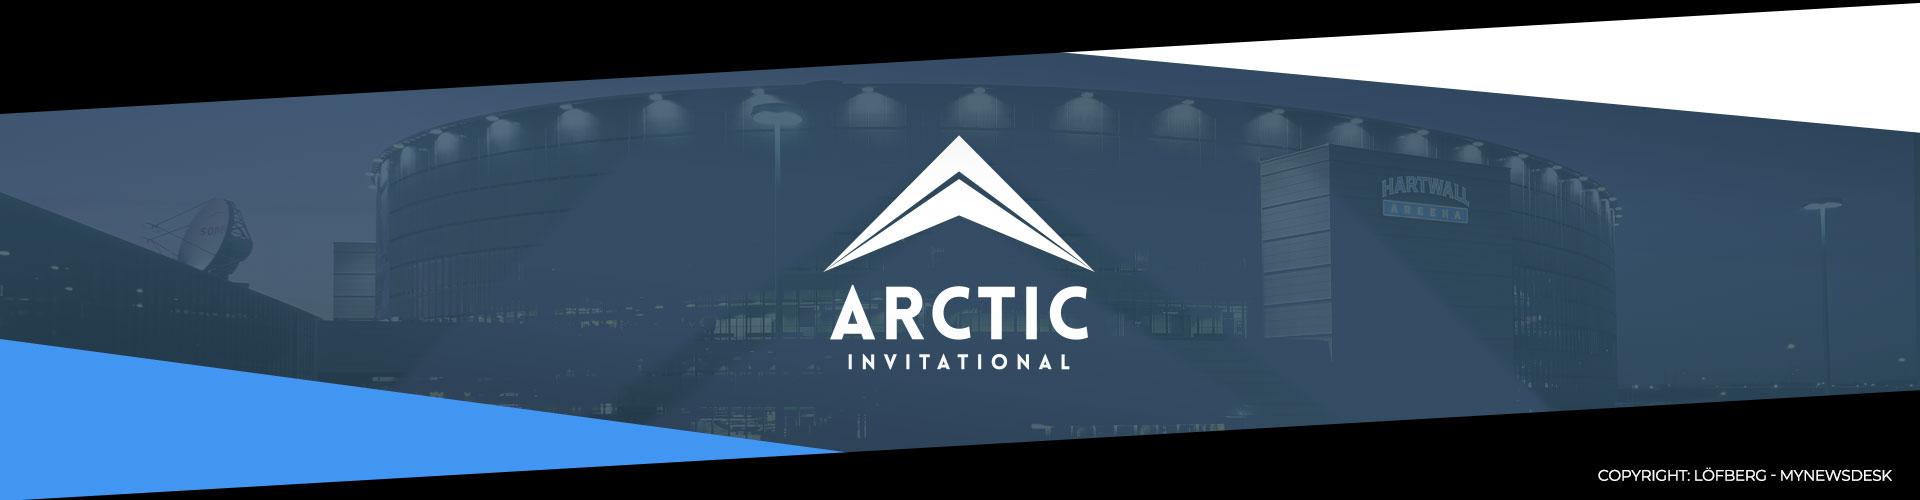 Semifinalerna i Arctic Invitational är avgjorda.